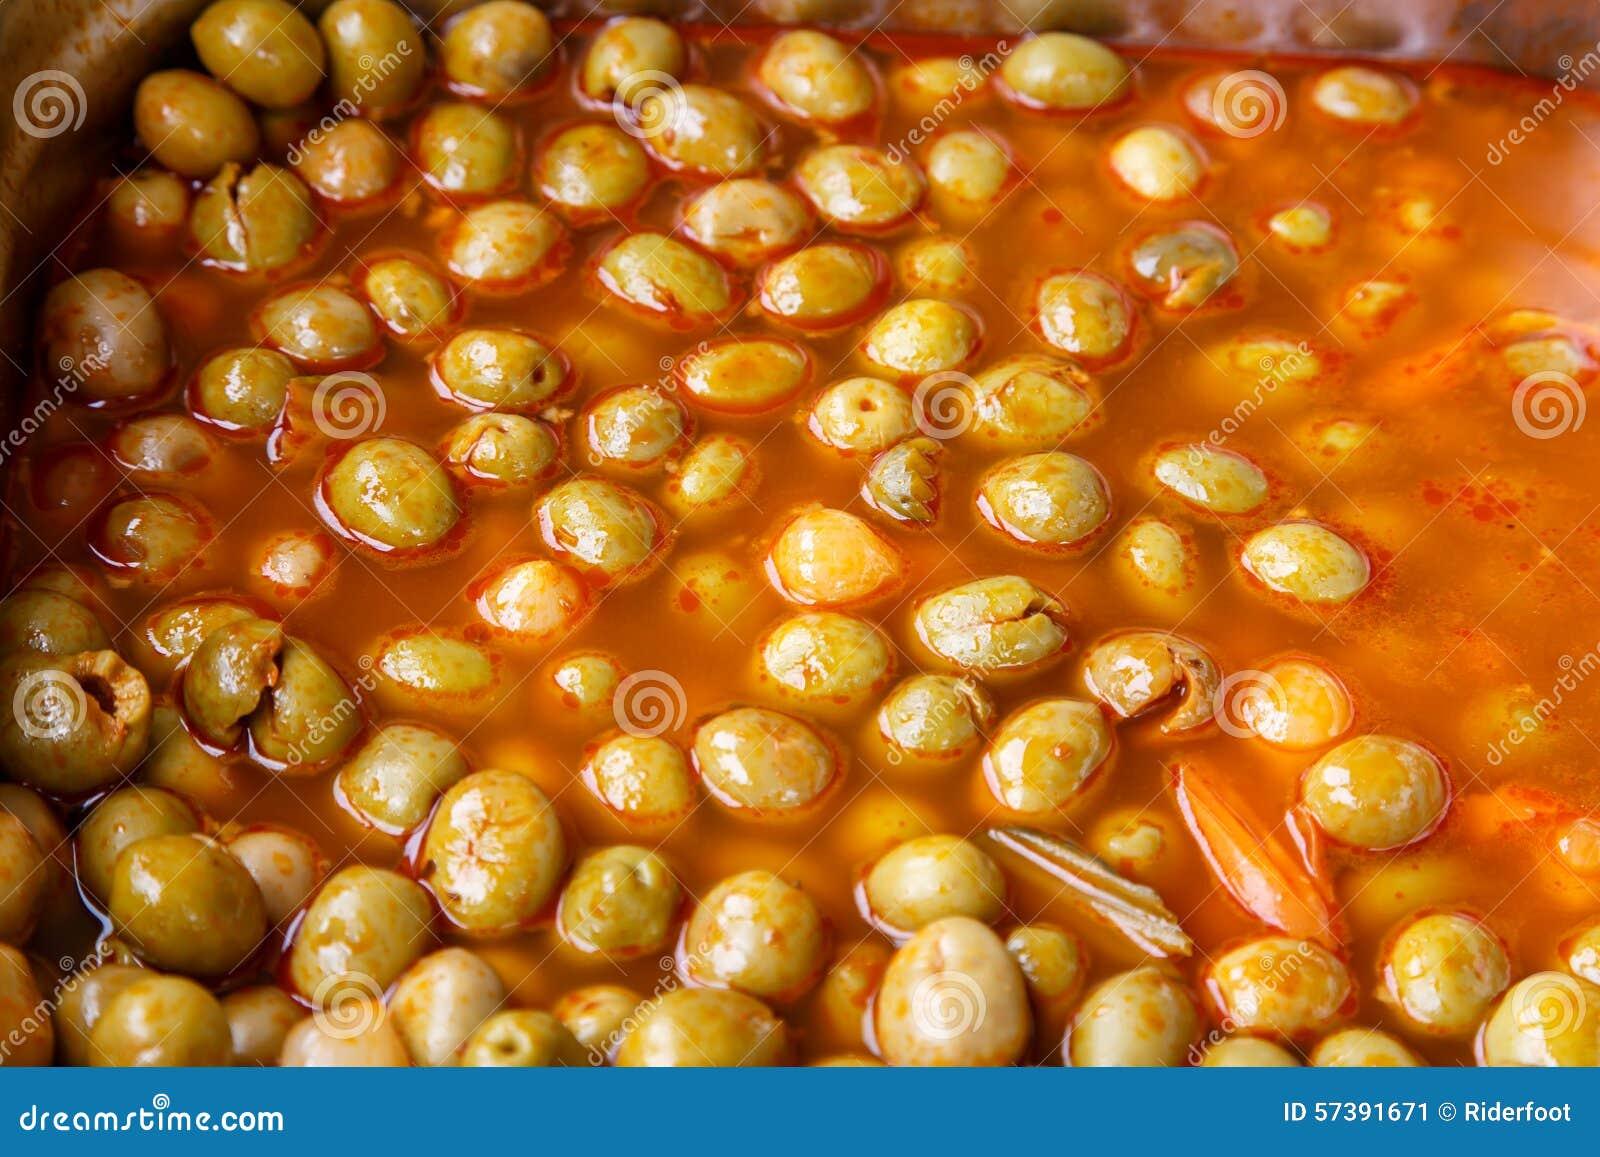 De olijven behouden binnen in een grote pot